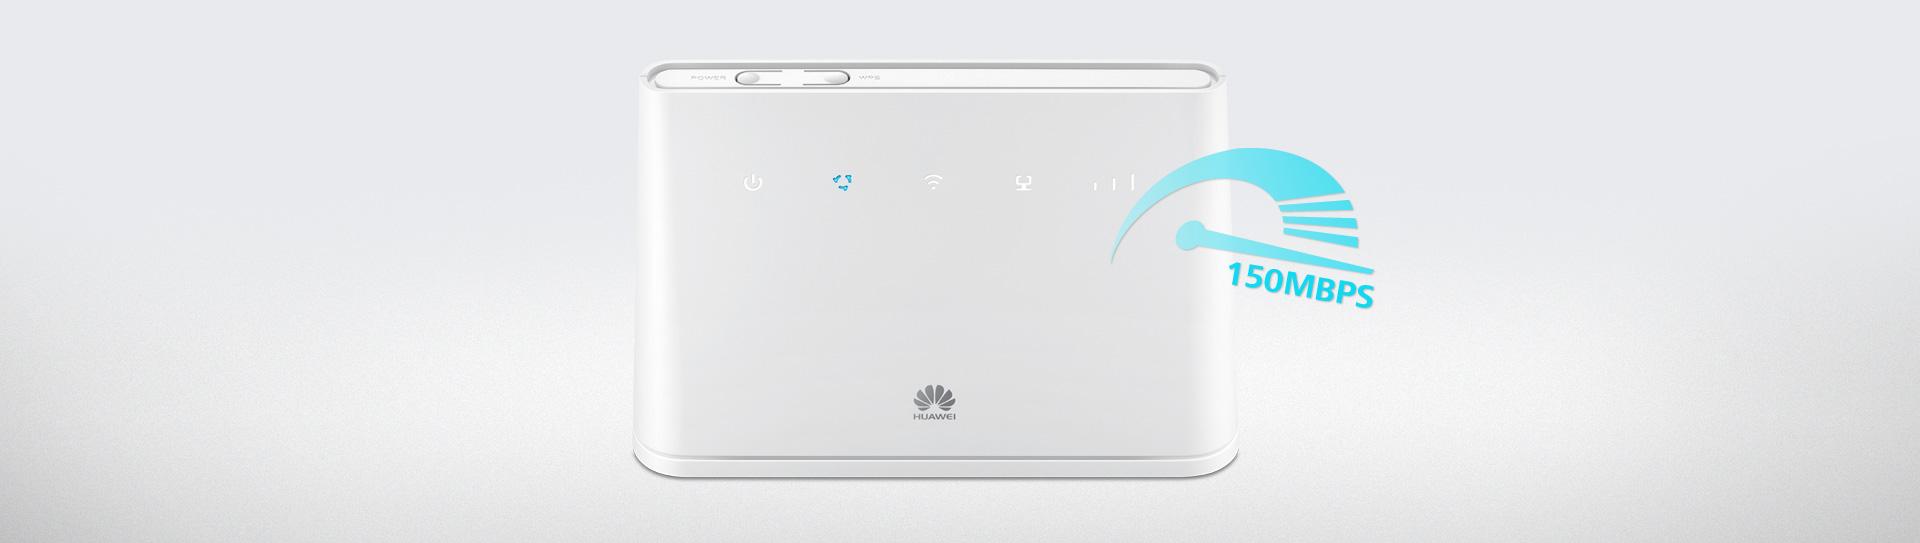 Huawei-B310 Wifi Router